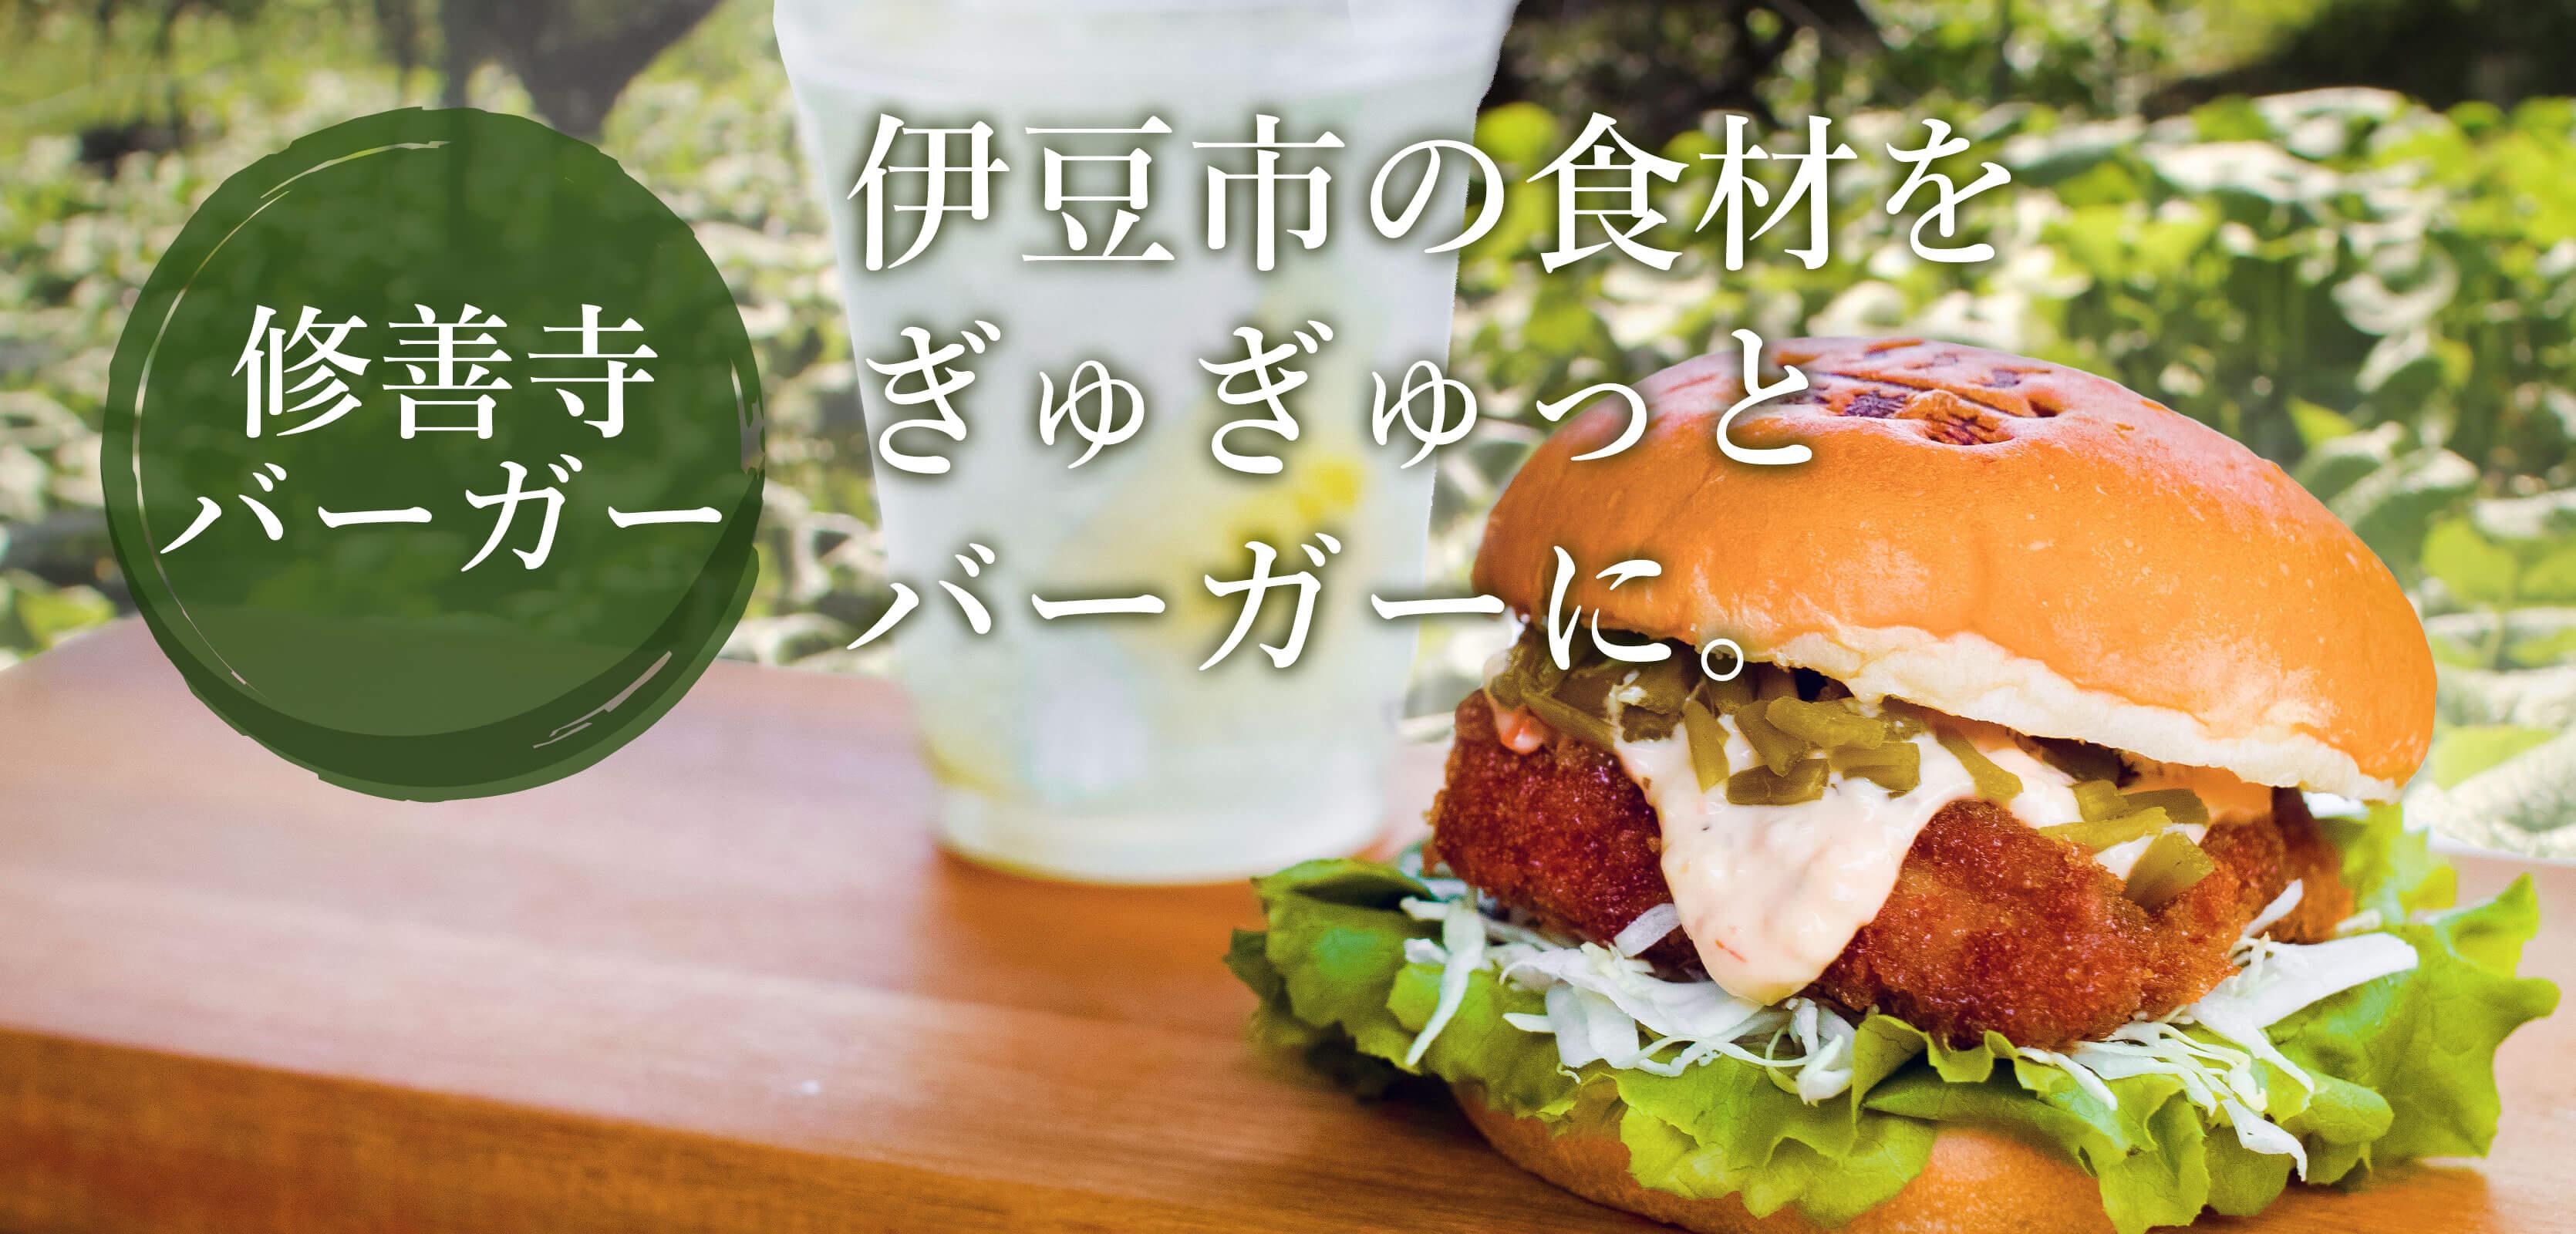 修善寺バーガー / 伊豆市の食材をぎゅぎゅっとバーガーに。